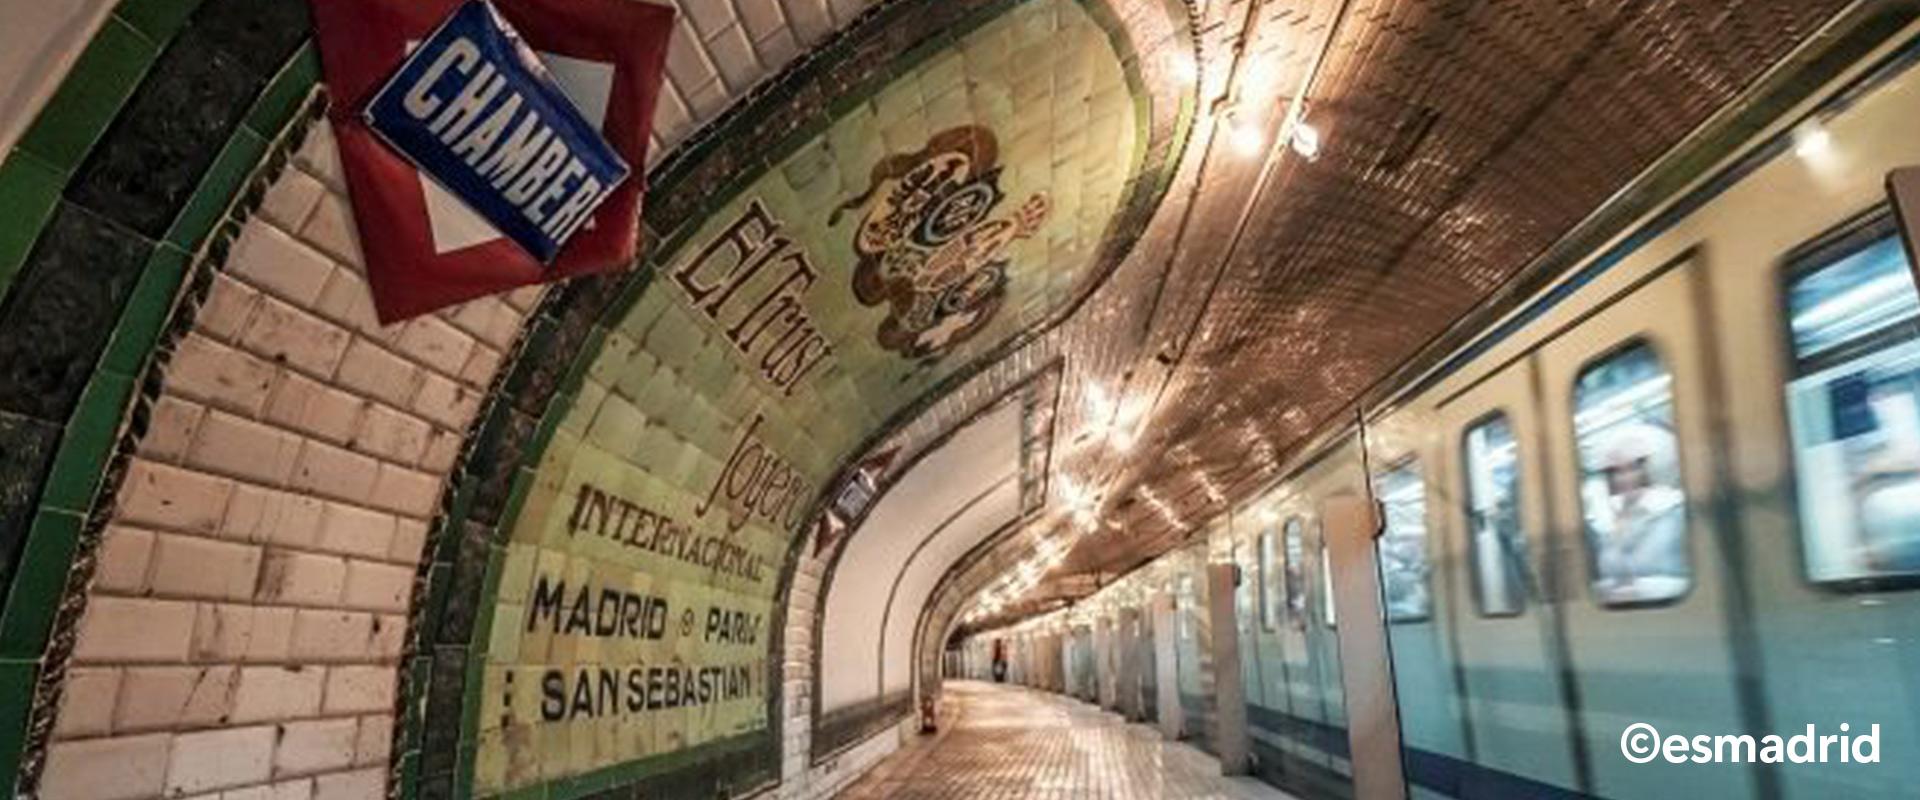 Descubriendo rincones poco conocidos de Madrid